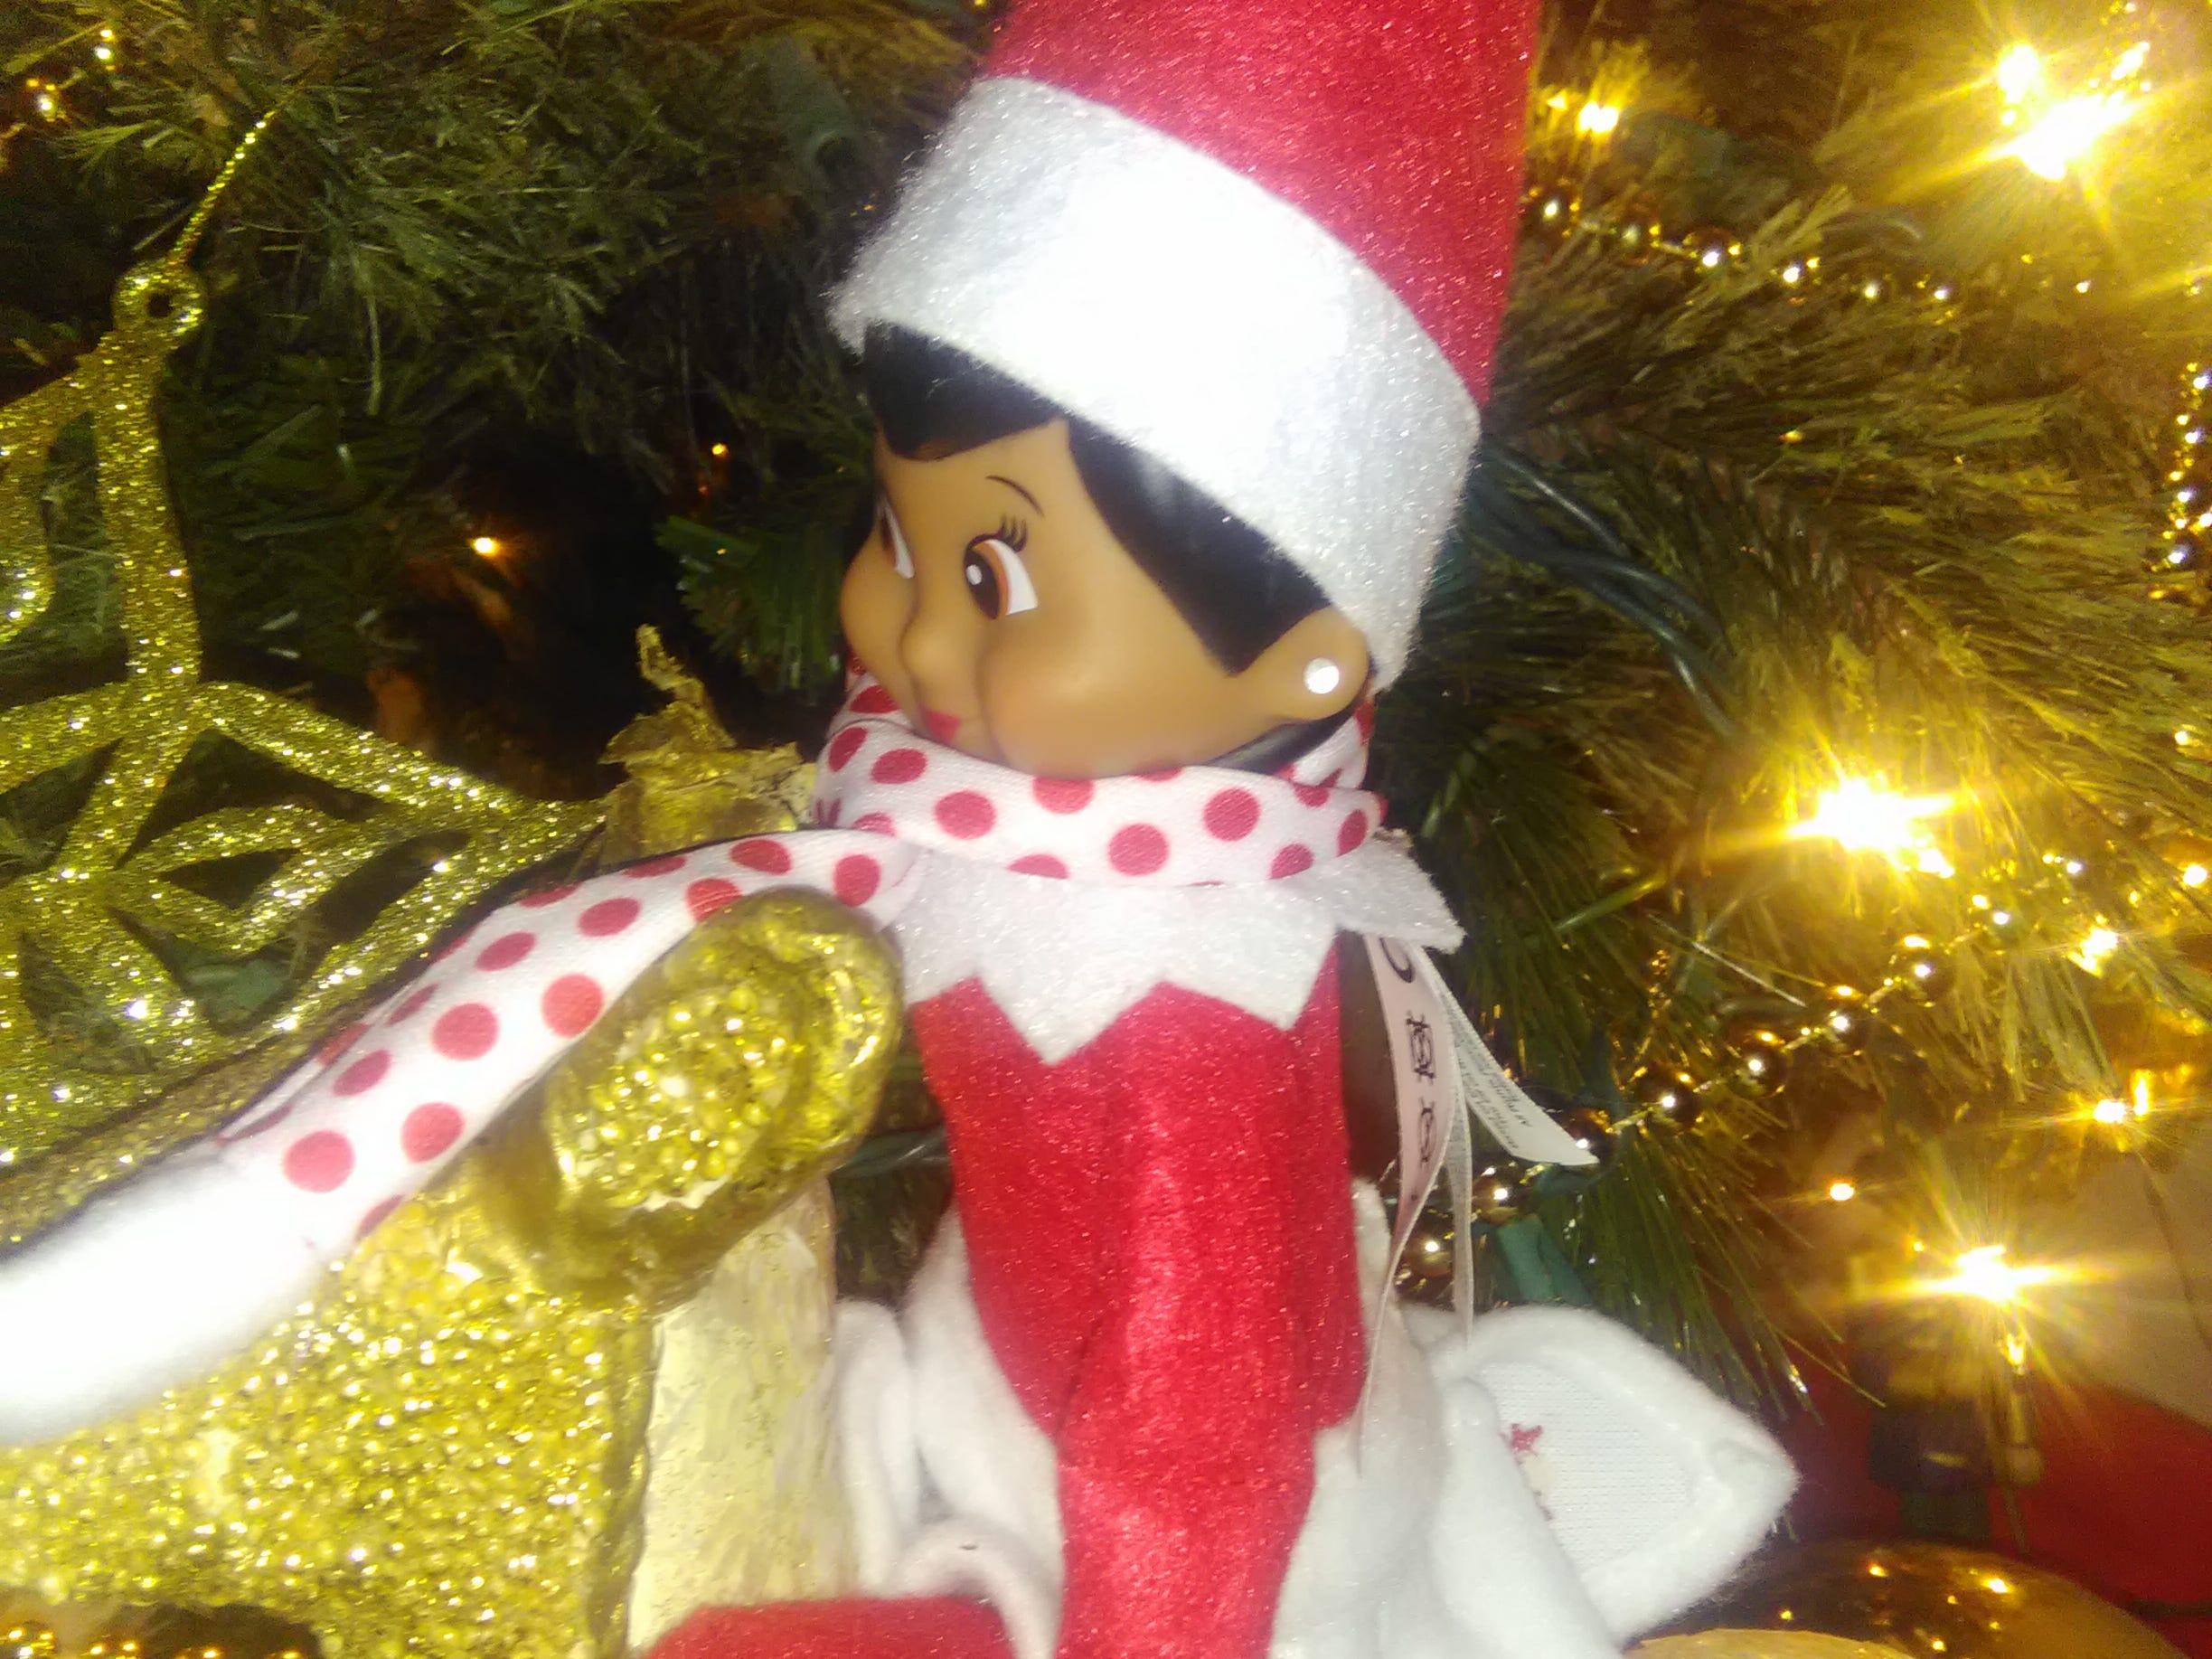 This is Snowy the elf. Snowy was named by 9-year-old Savannah. The photo was taken last week in Bonita Springs.